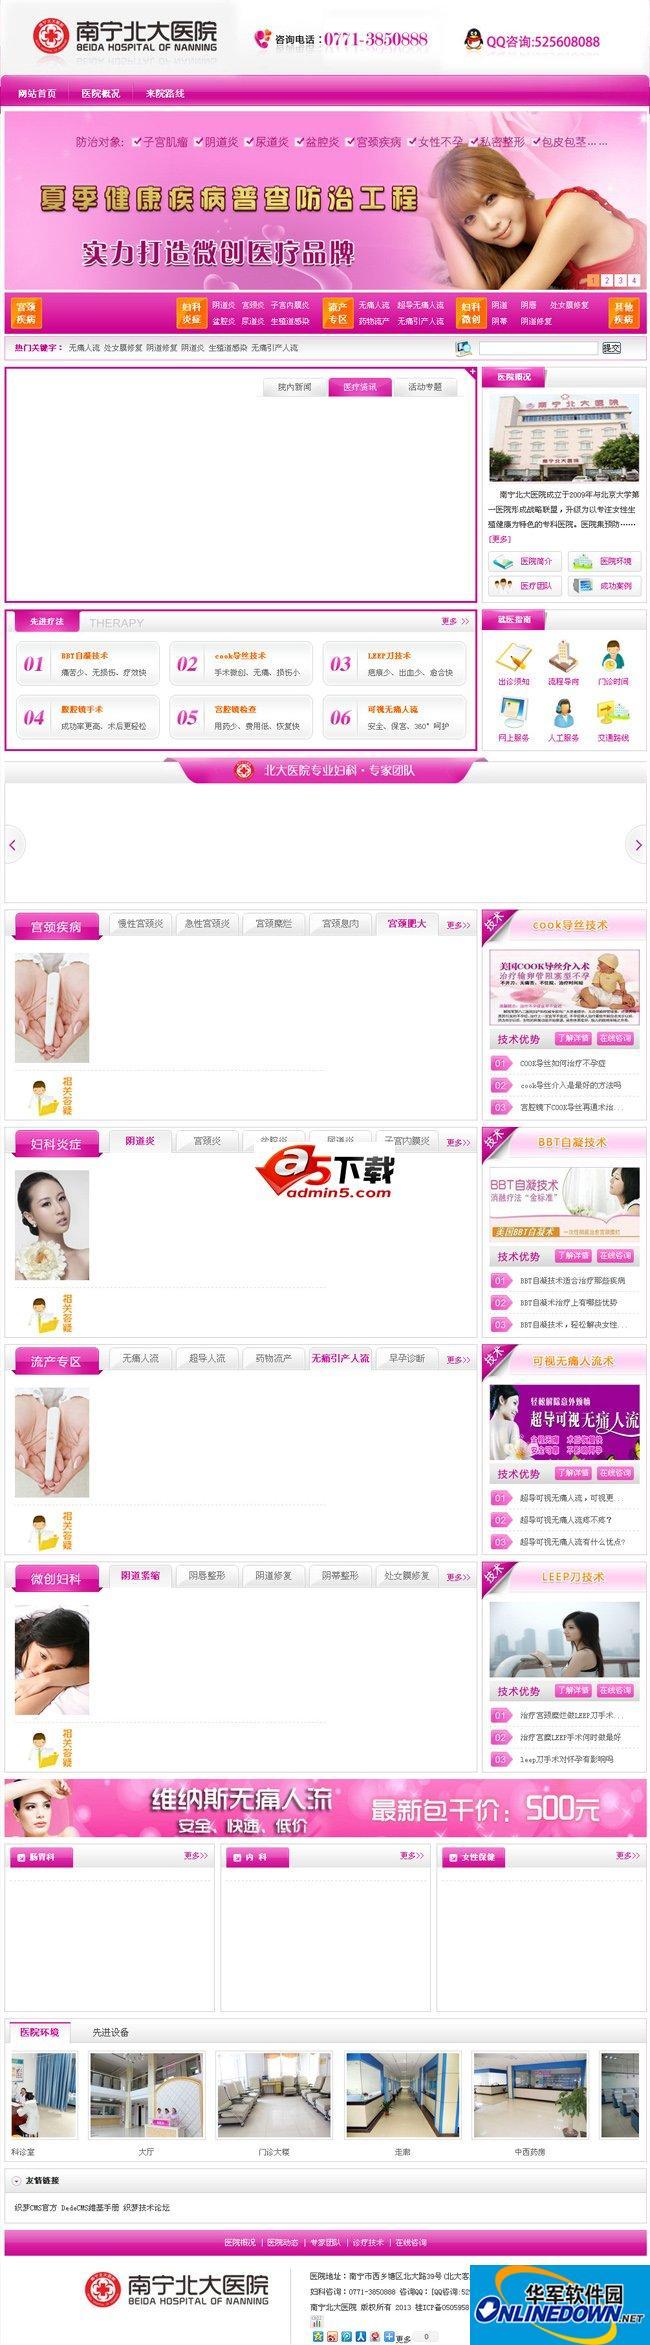 粉红色精美女性网站模板DEDE5.7(带采集功能)-班哥仿站 PC版